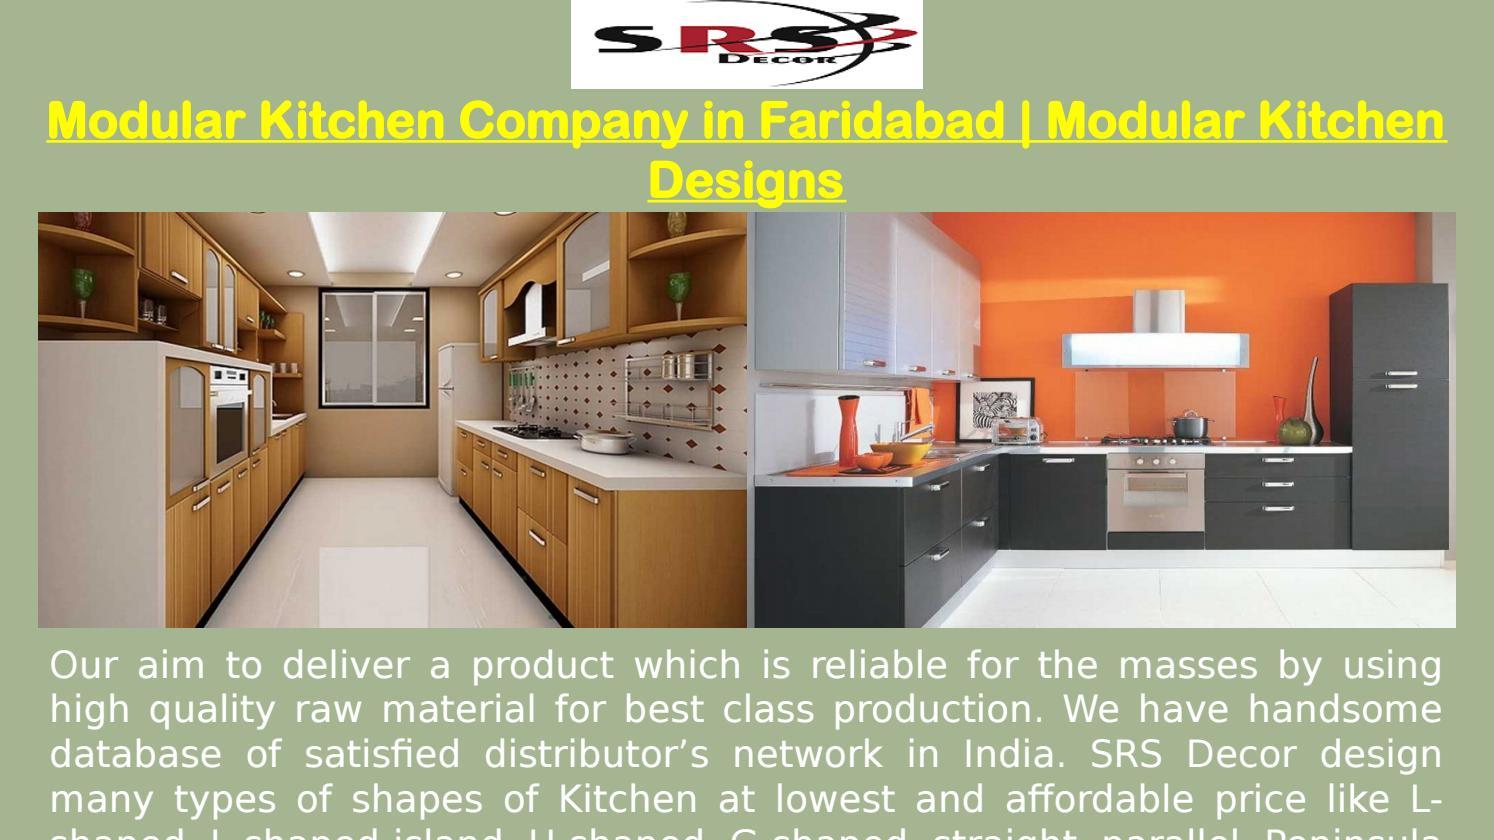 Modular Kitchen Company in Faridabad   Modular Kitchen Designs by ...